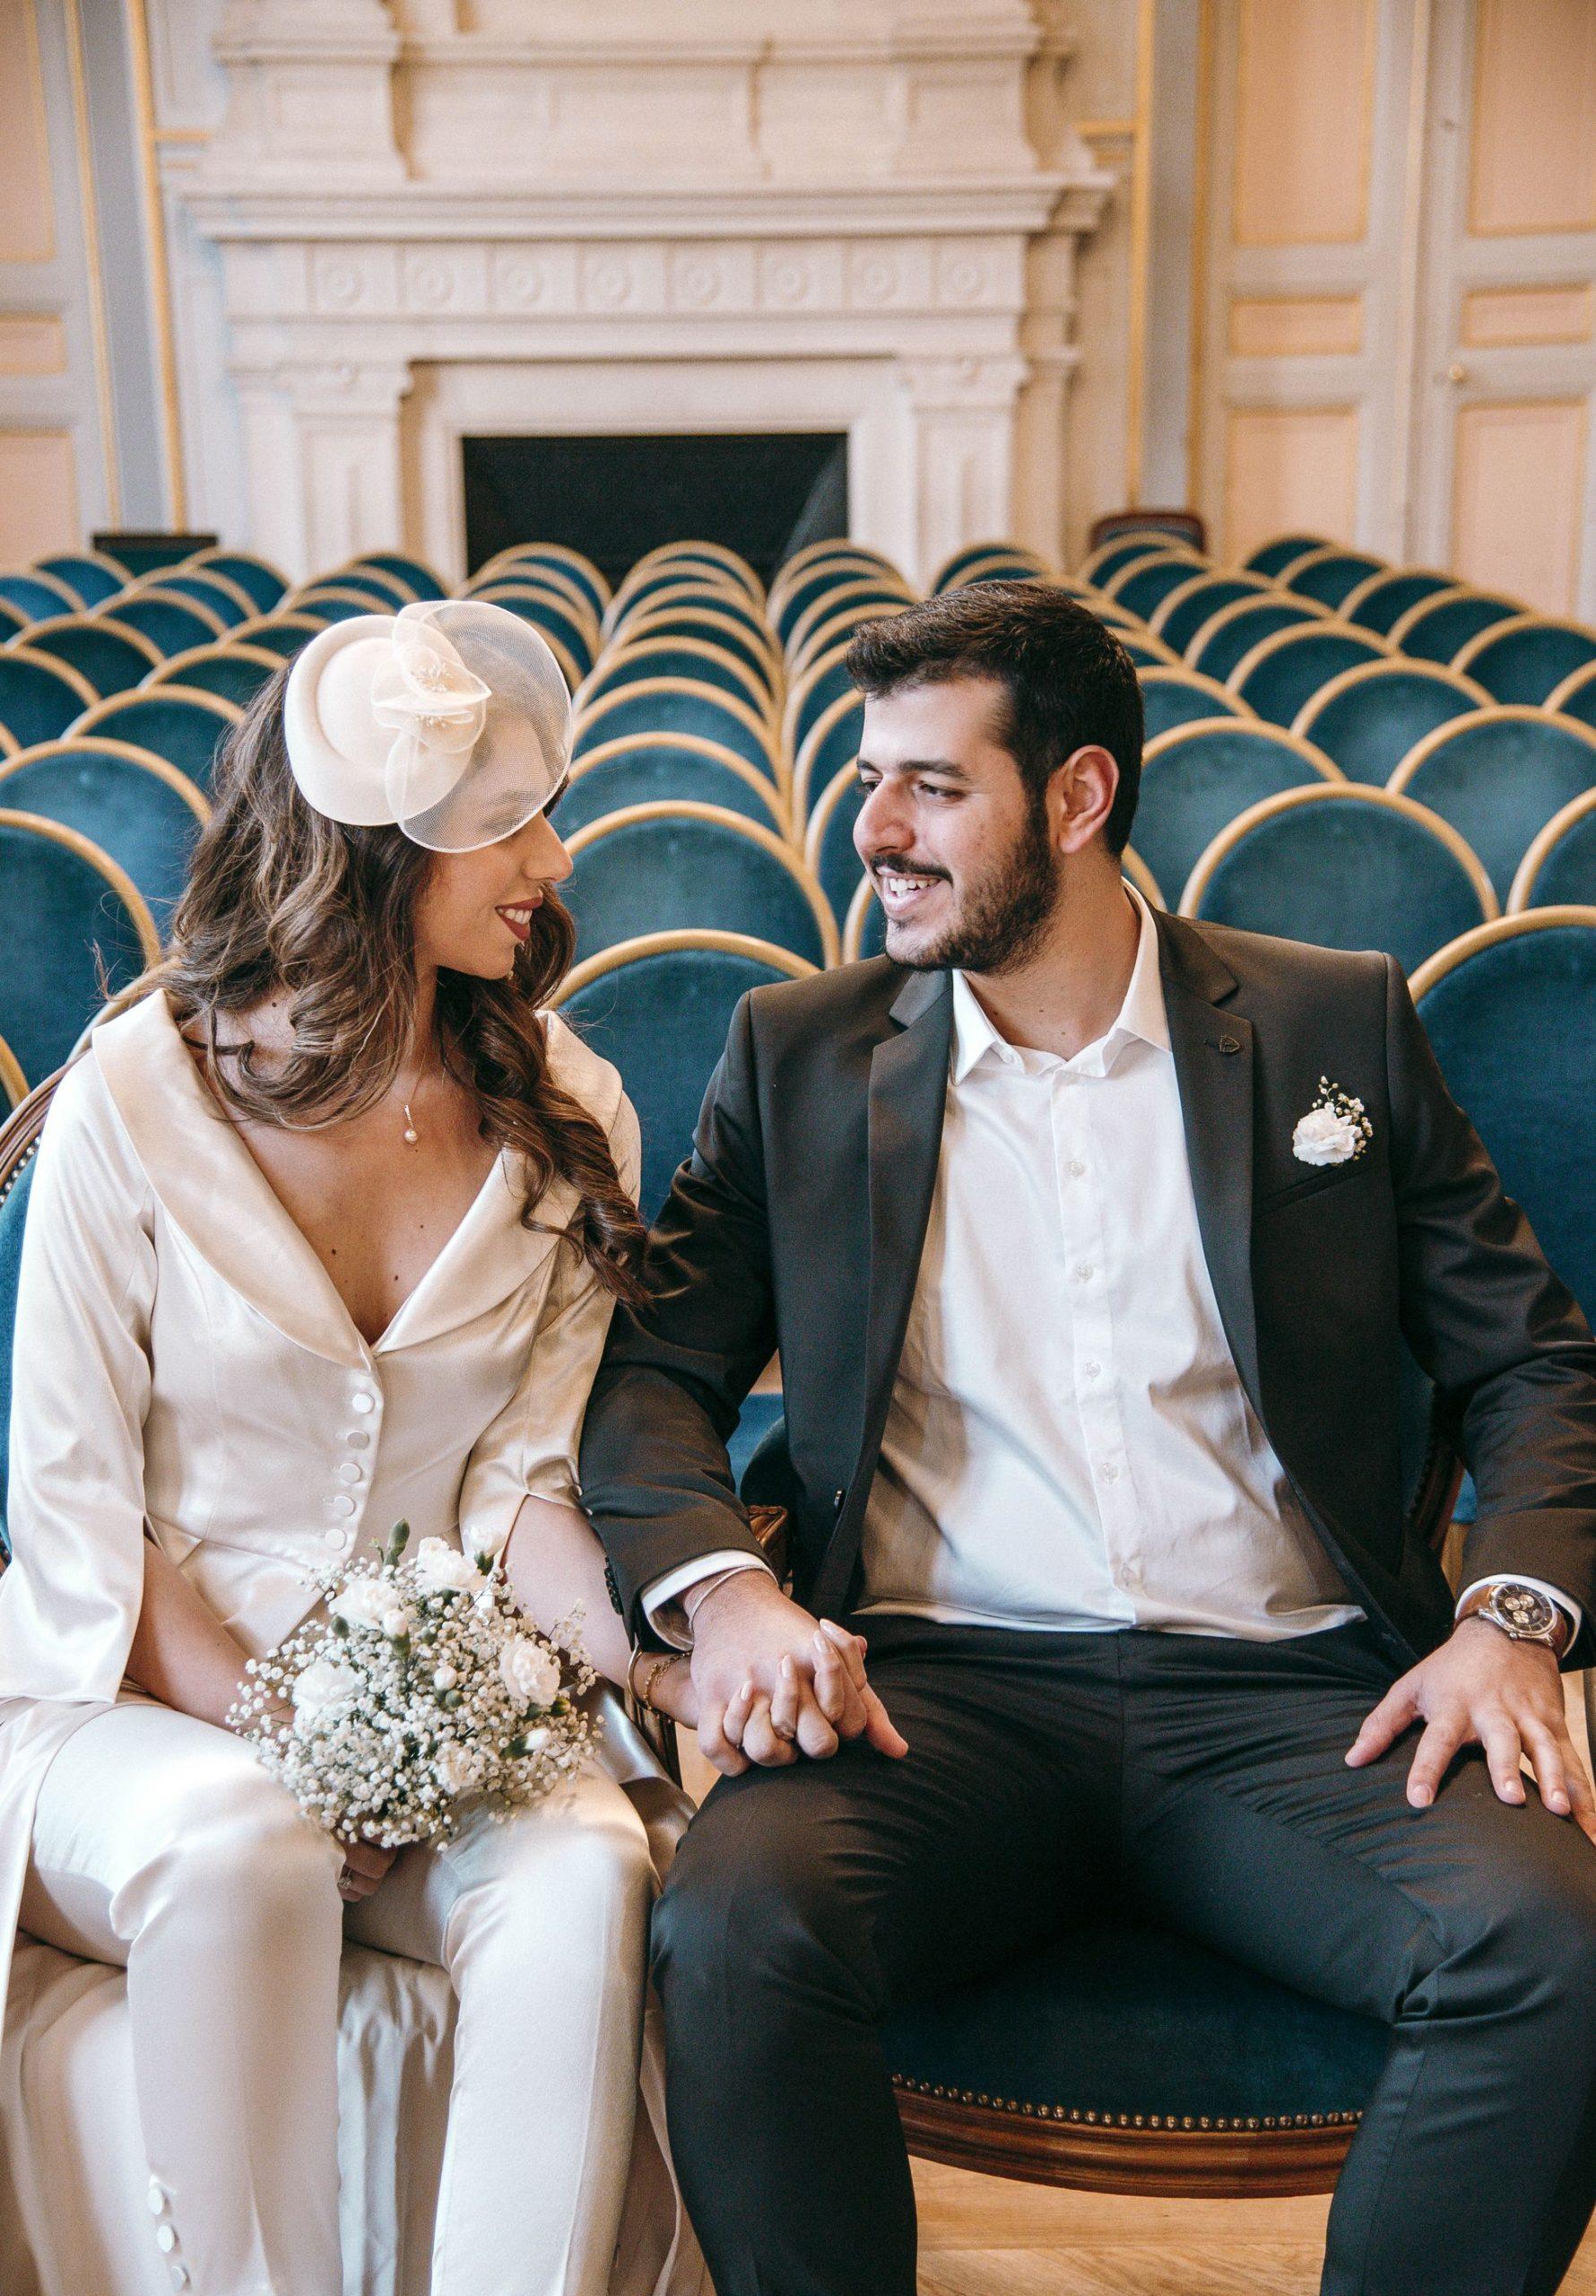 Mariage Mairie à Paris 16eme – Parisian style couple